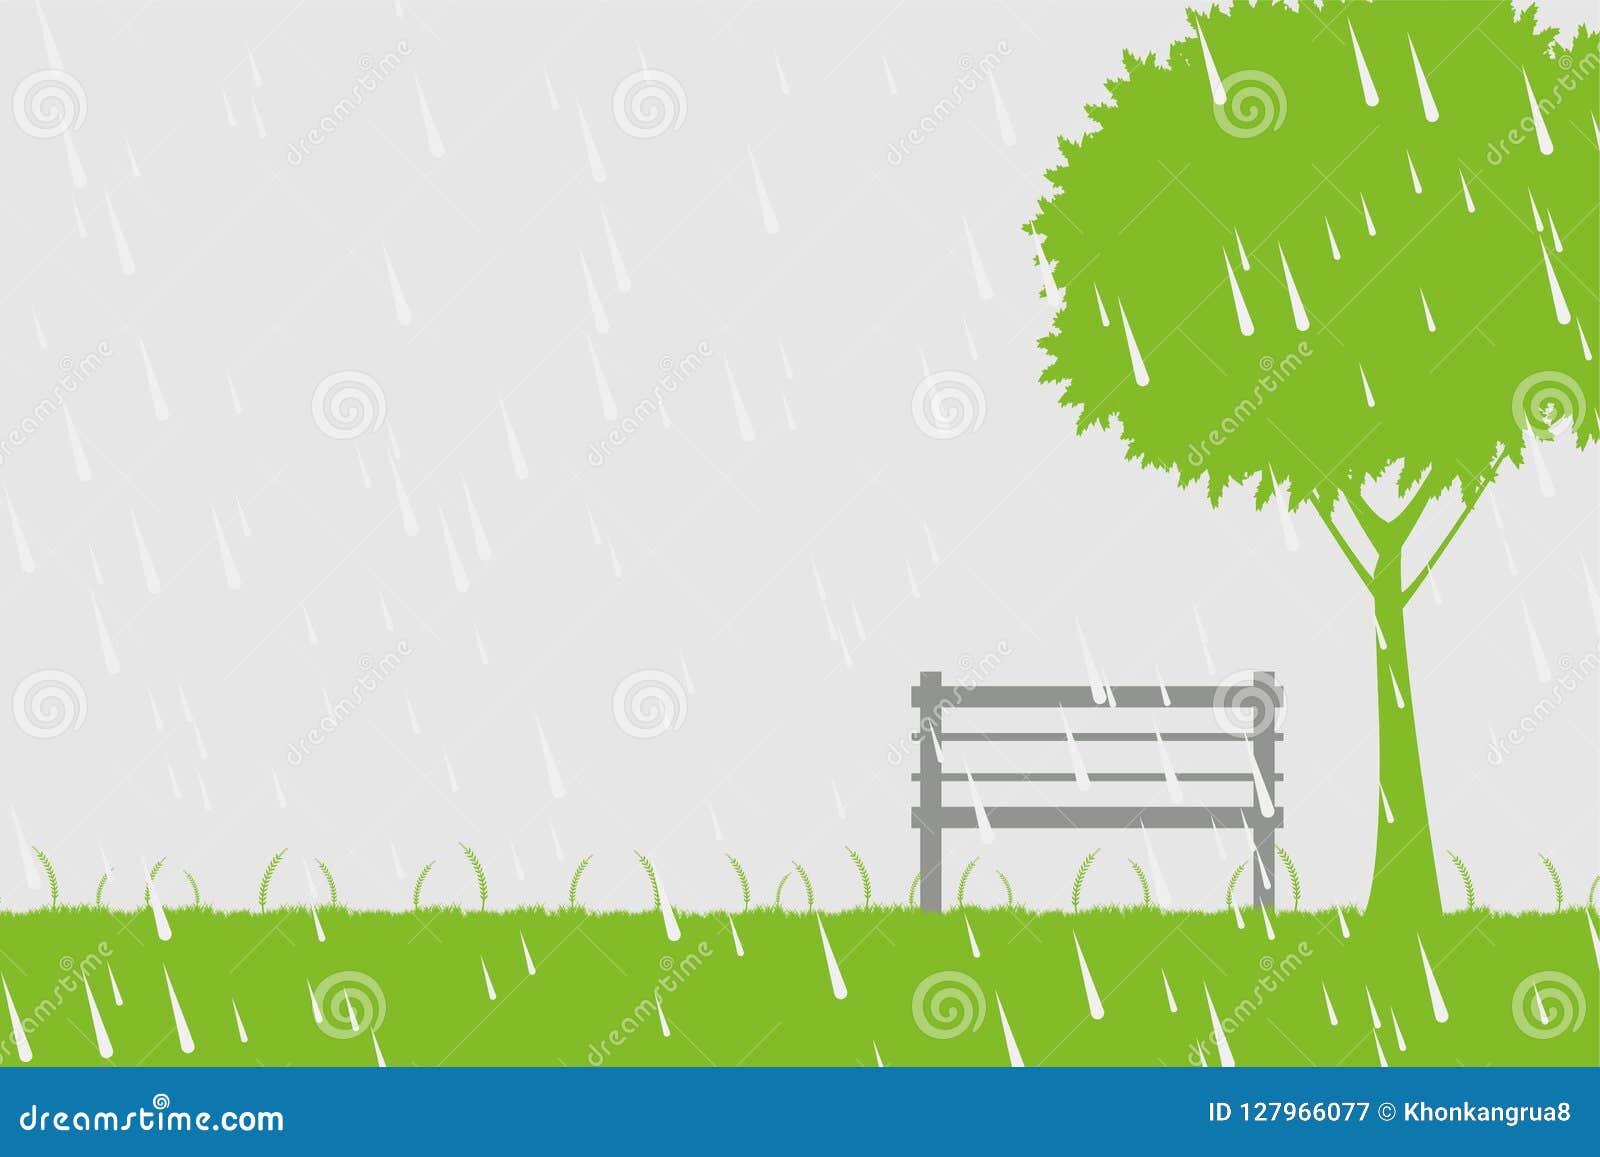 Silla y árbol en la lluvia en fondo verde